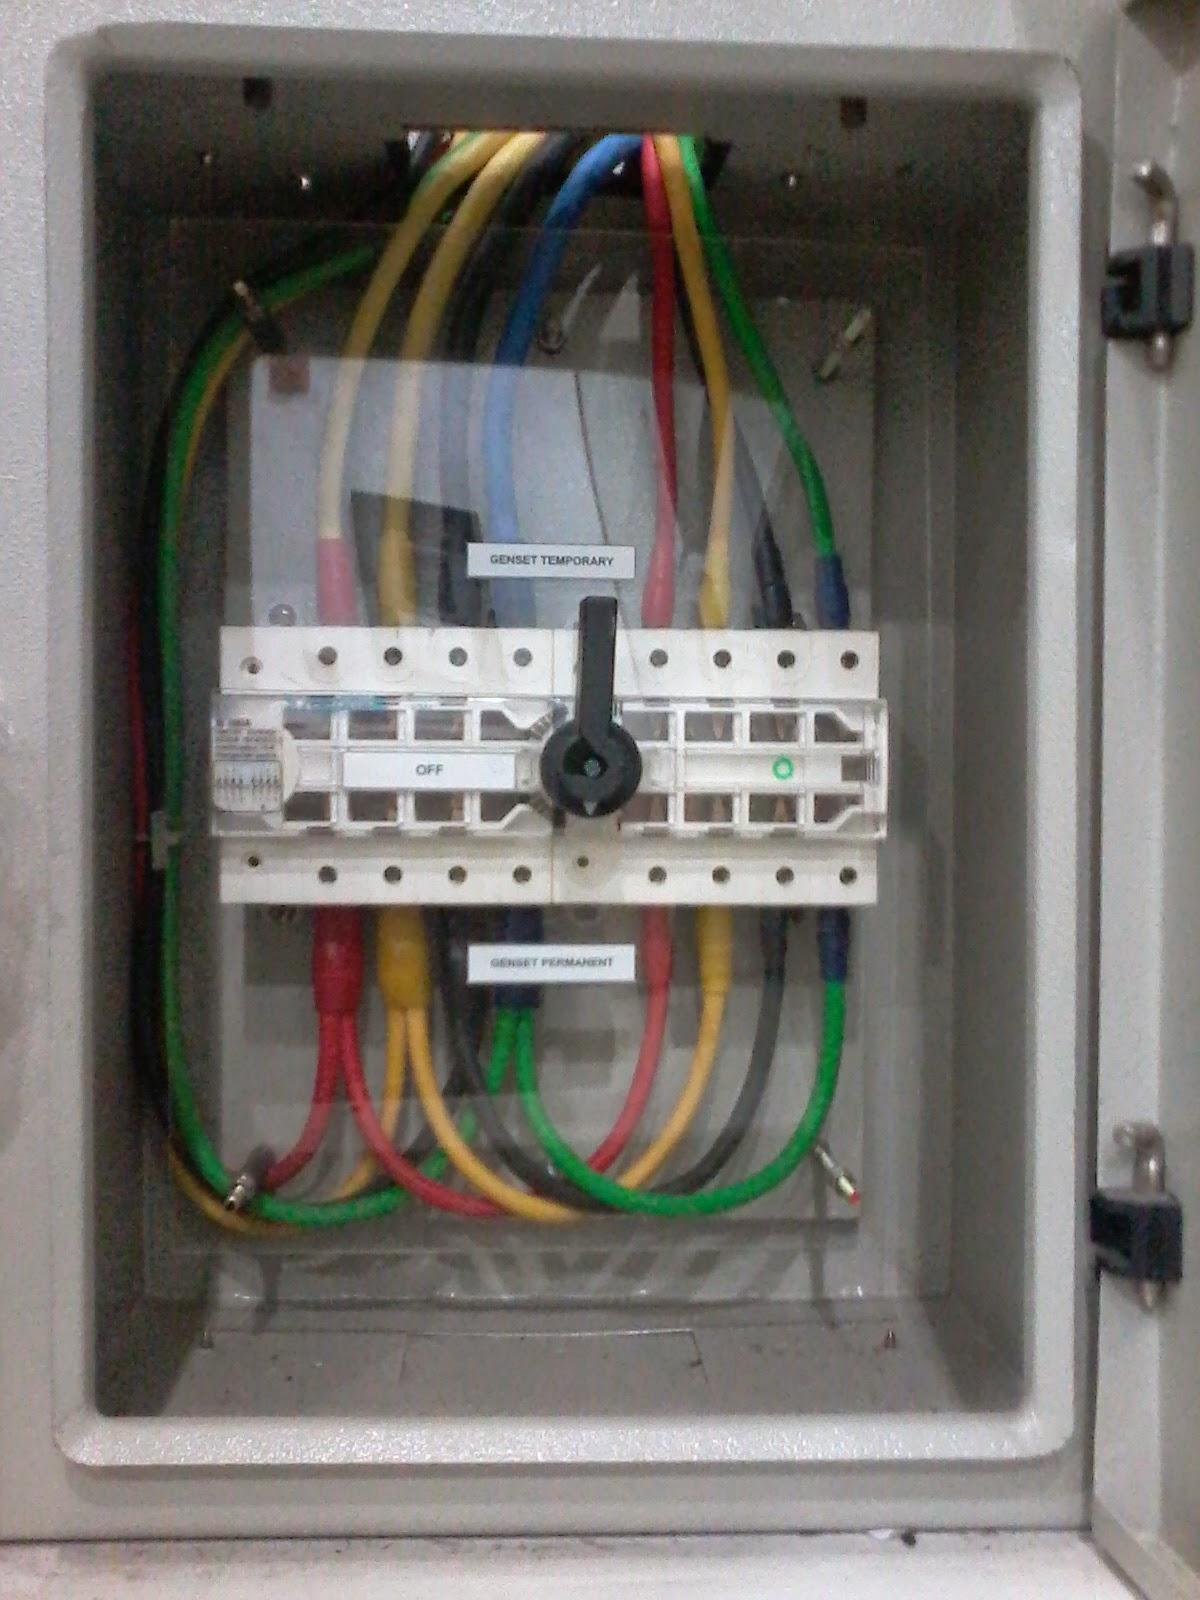 Alam surya tehnik mechanikal electrical civil minor dan design instalasi jaringan kabel listrik ups ccuart Gallery